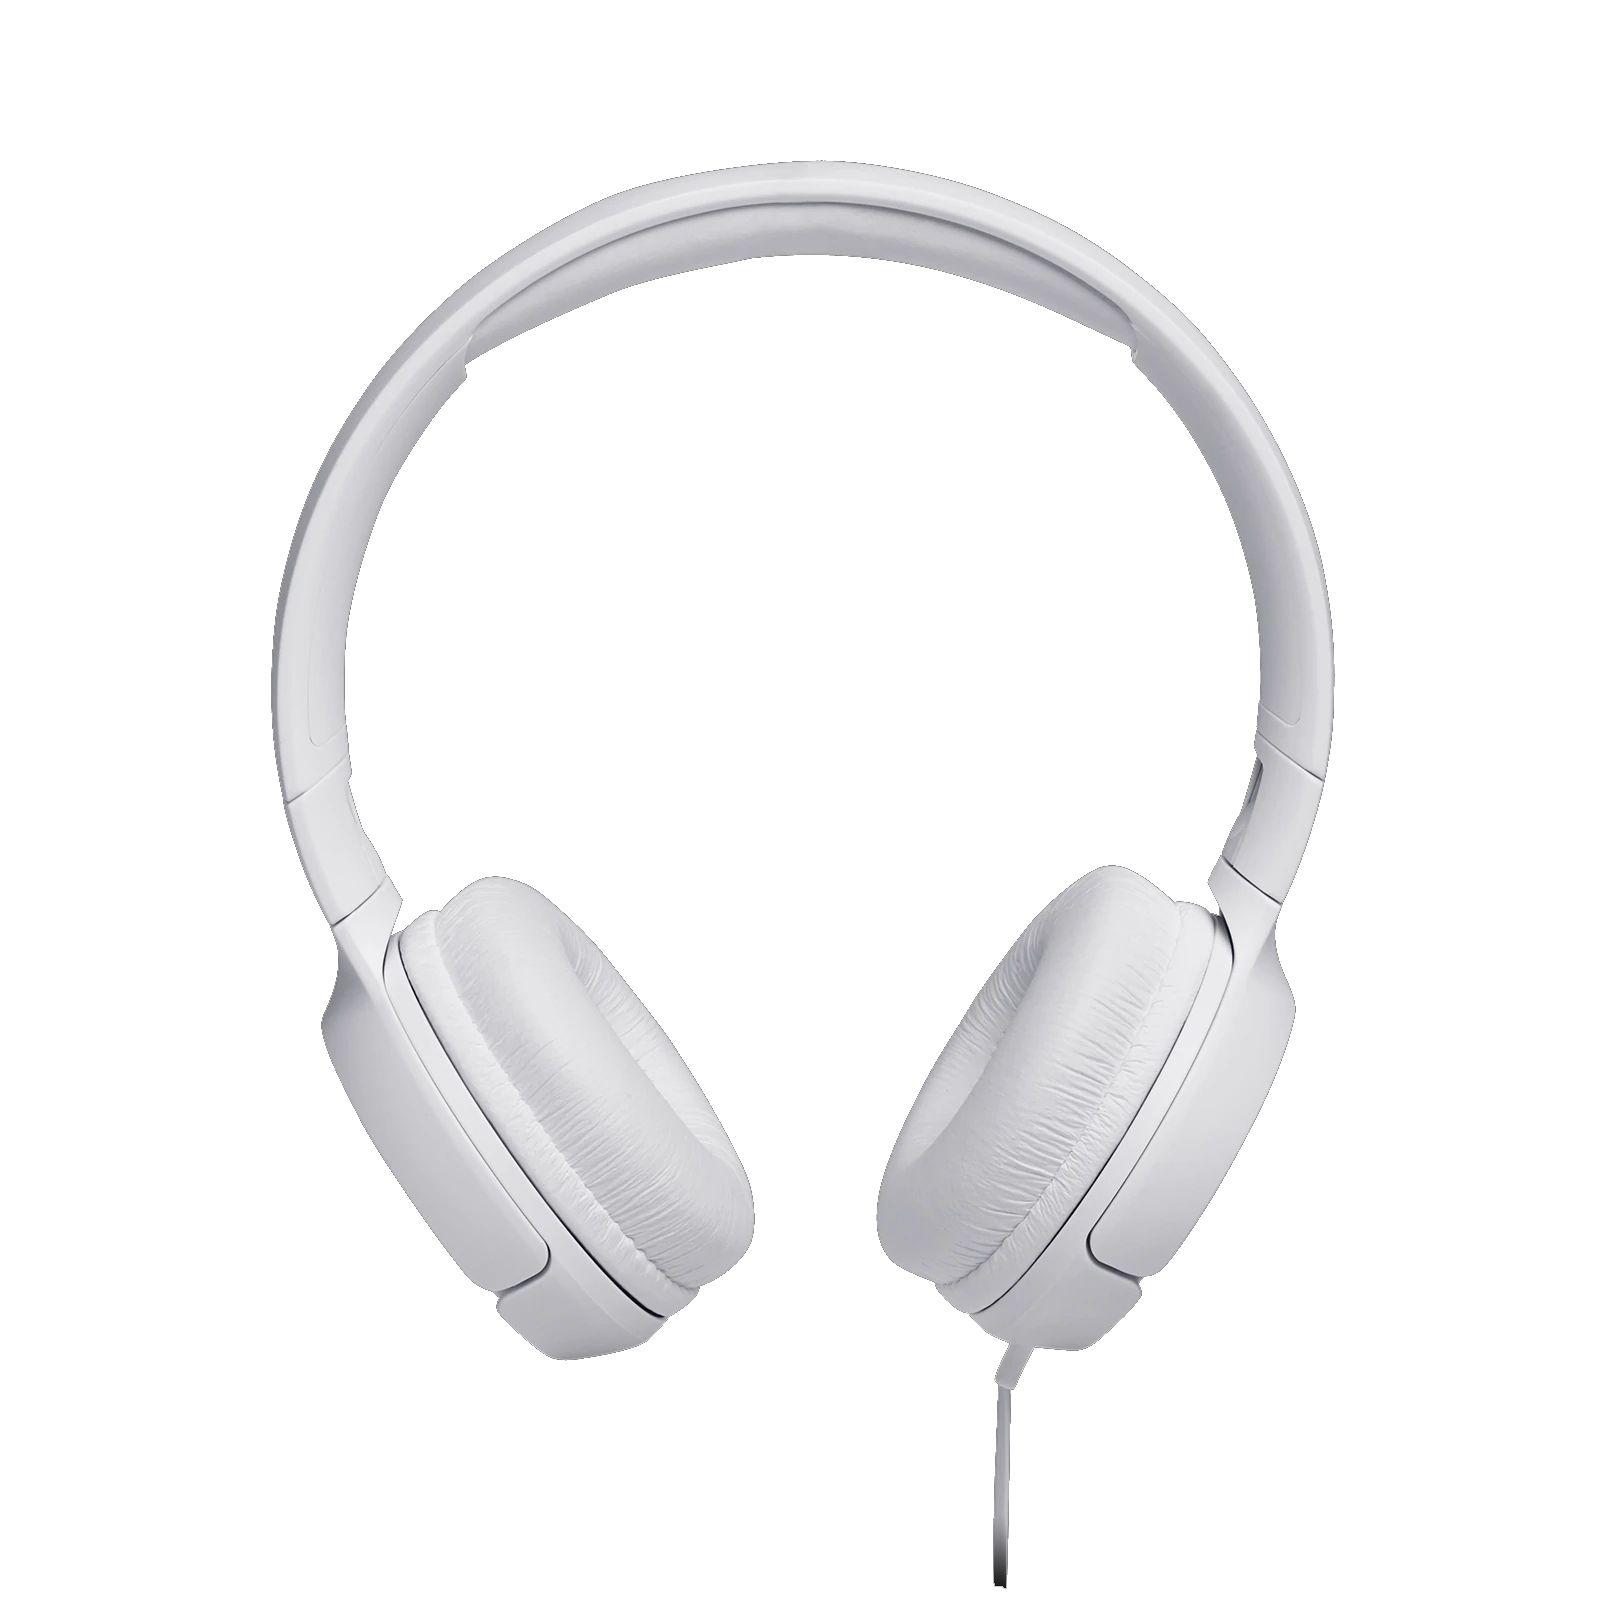 FONE DE OUVIDO JBL TUNE 500 WHT ON EAR